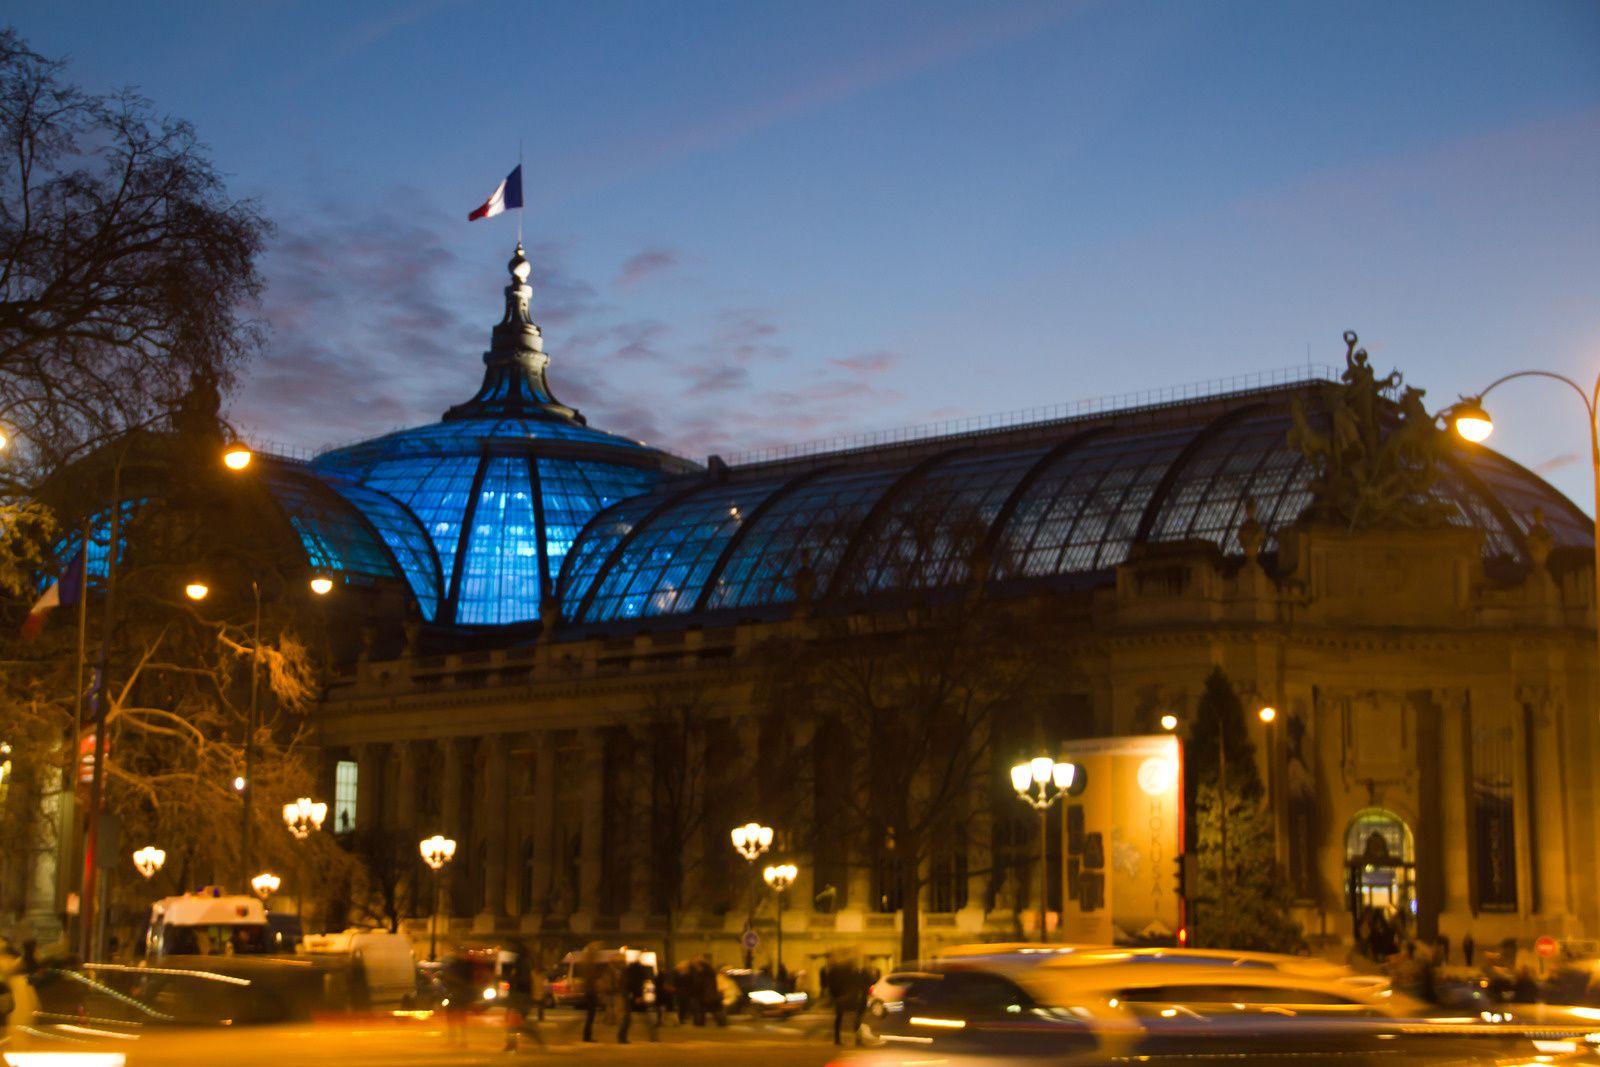 A proximité du rond point des Champs Elysées